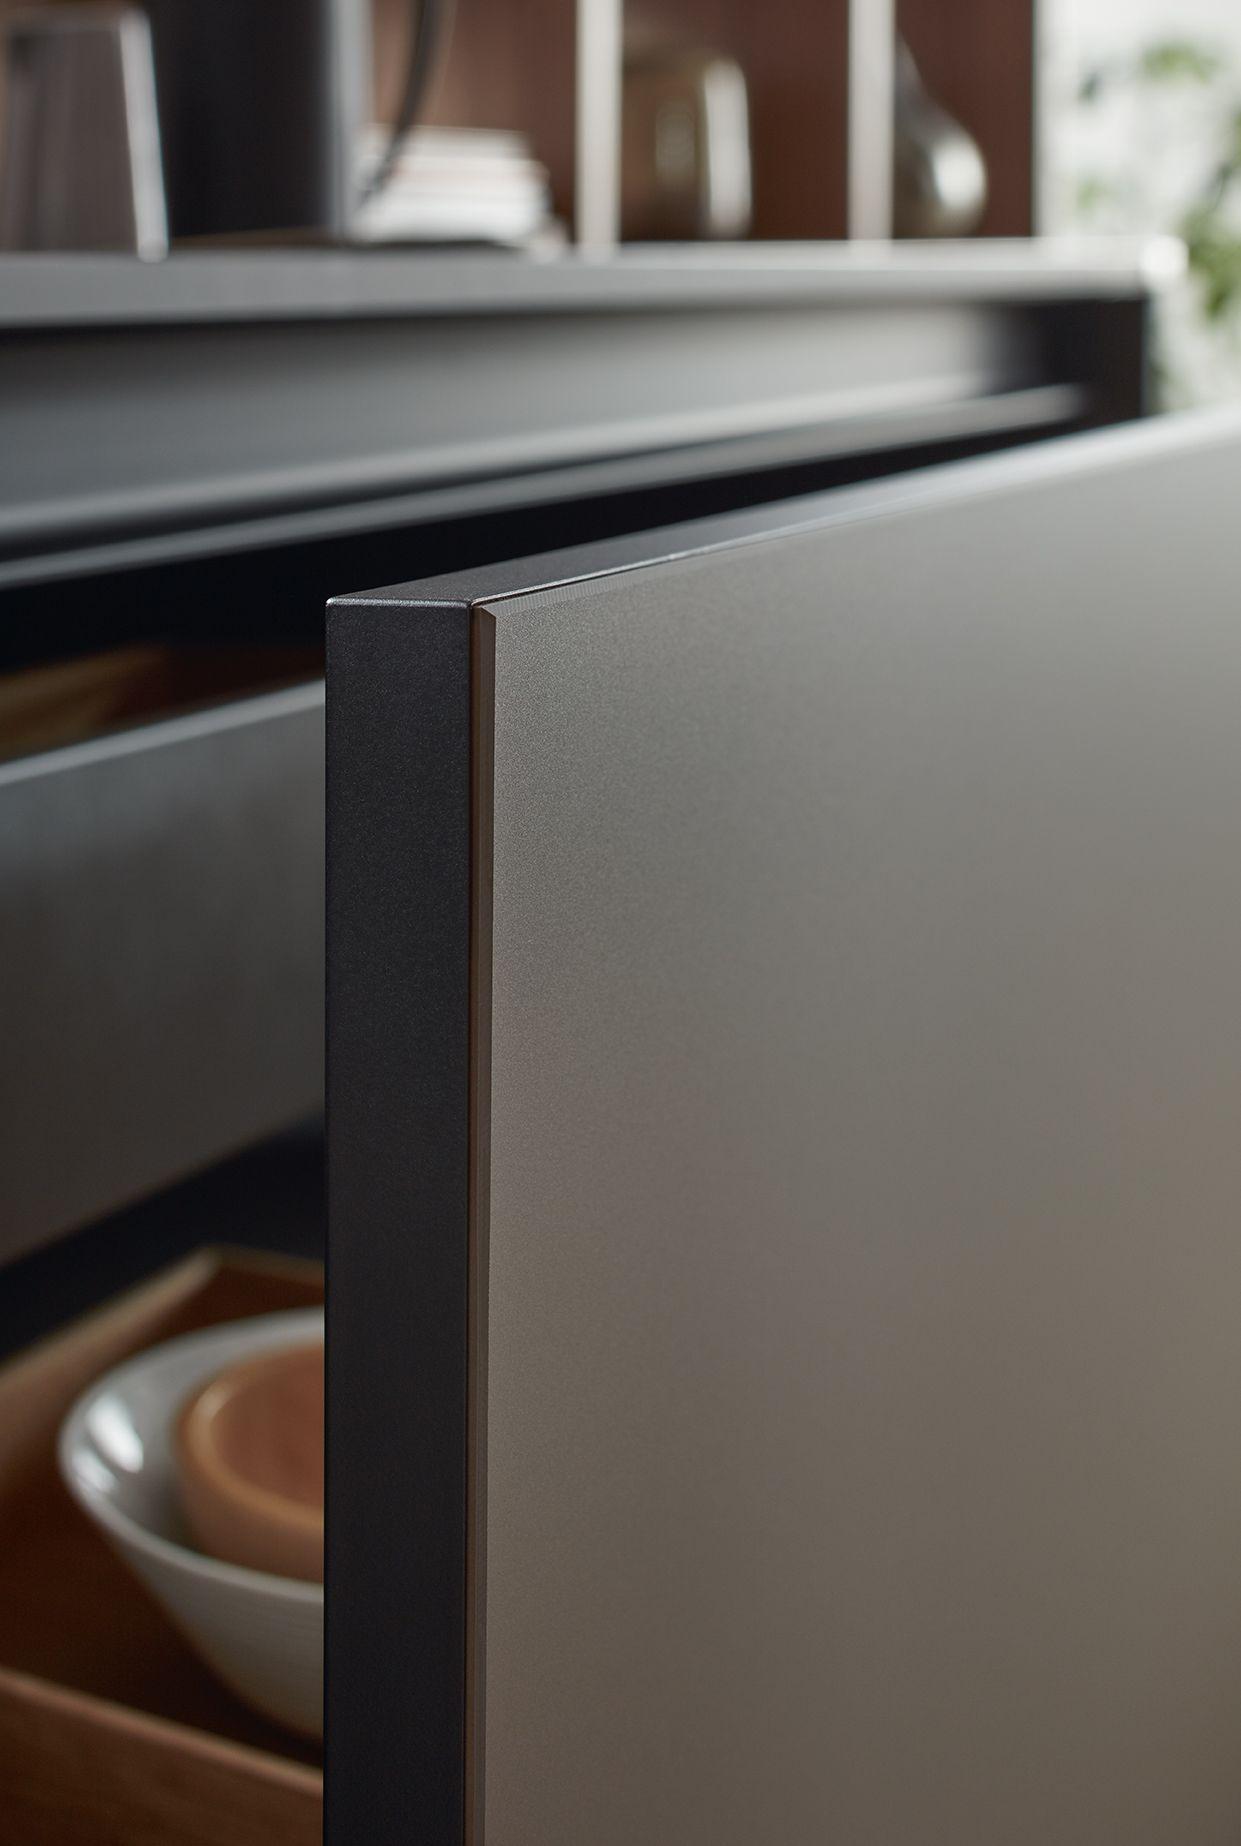 Der Gezielte Einsatz Des Innovativen Schichtstoffmaterials Fenix In Mokkabraun Mit Seiner Pflegefreundlichen Anti Fingerprint Eigens Kuchen Design Kuche Design